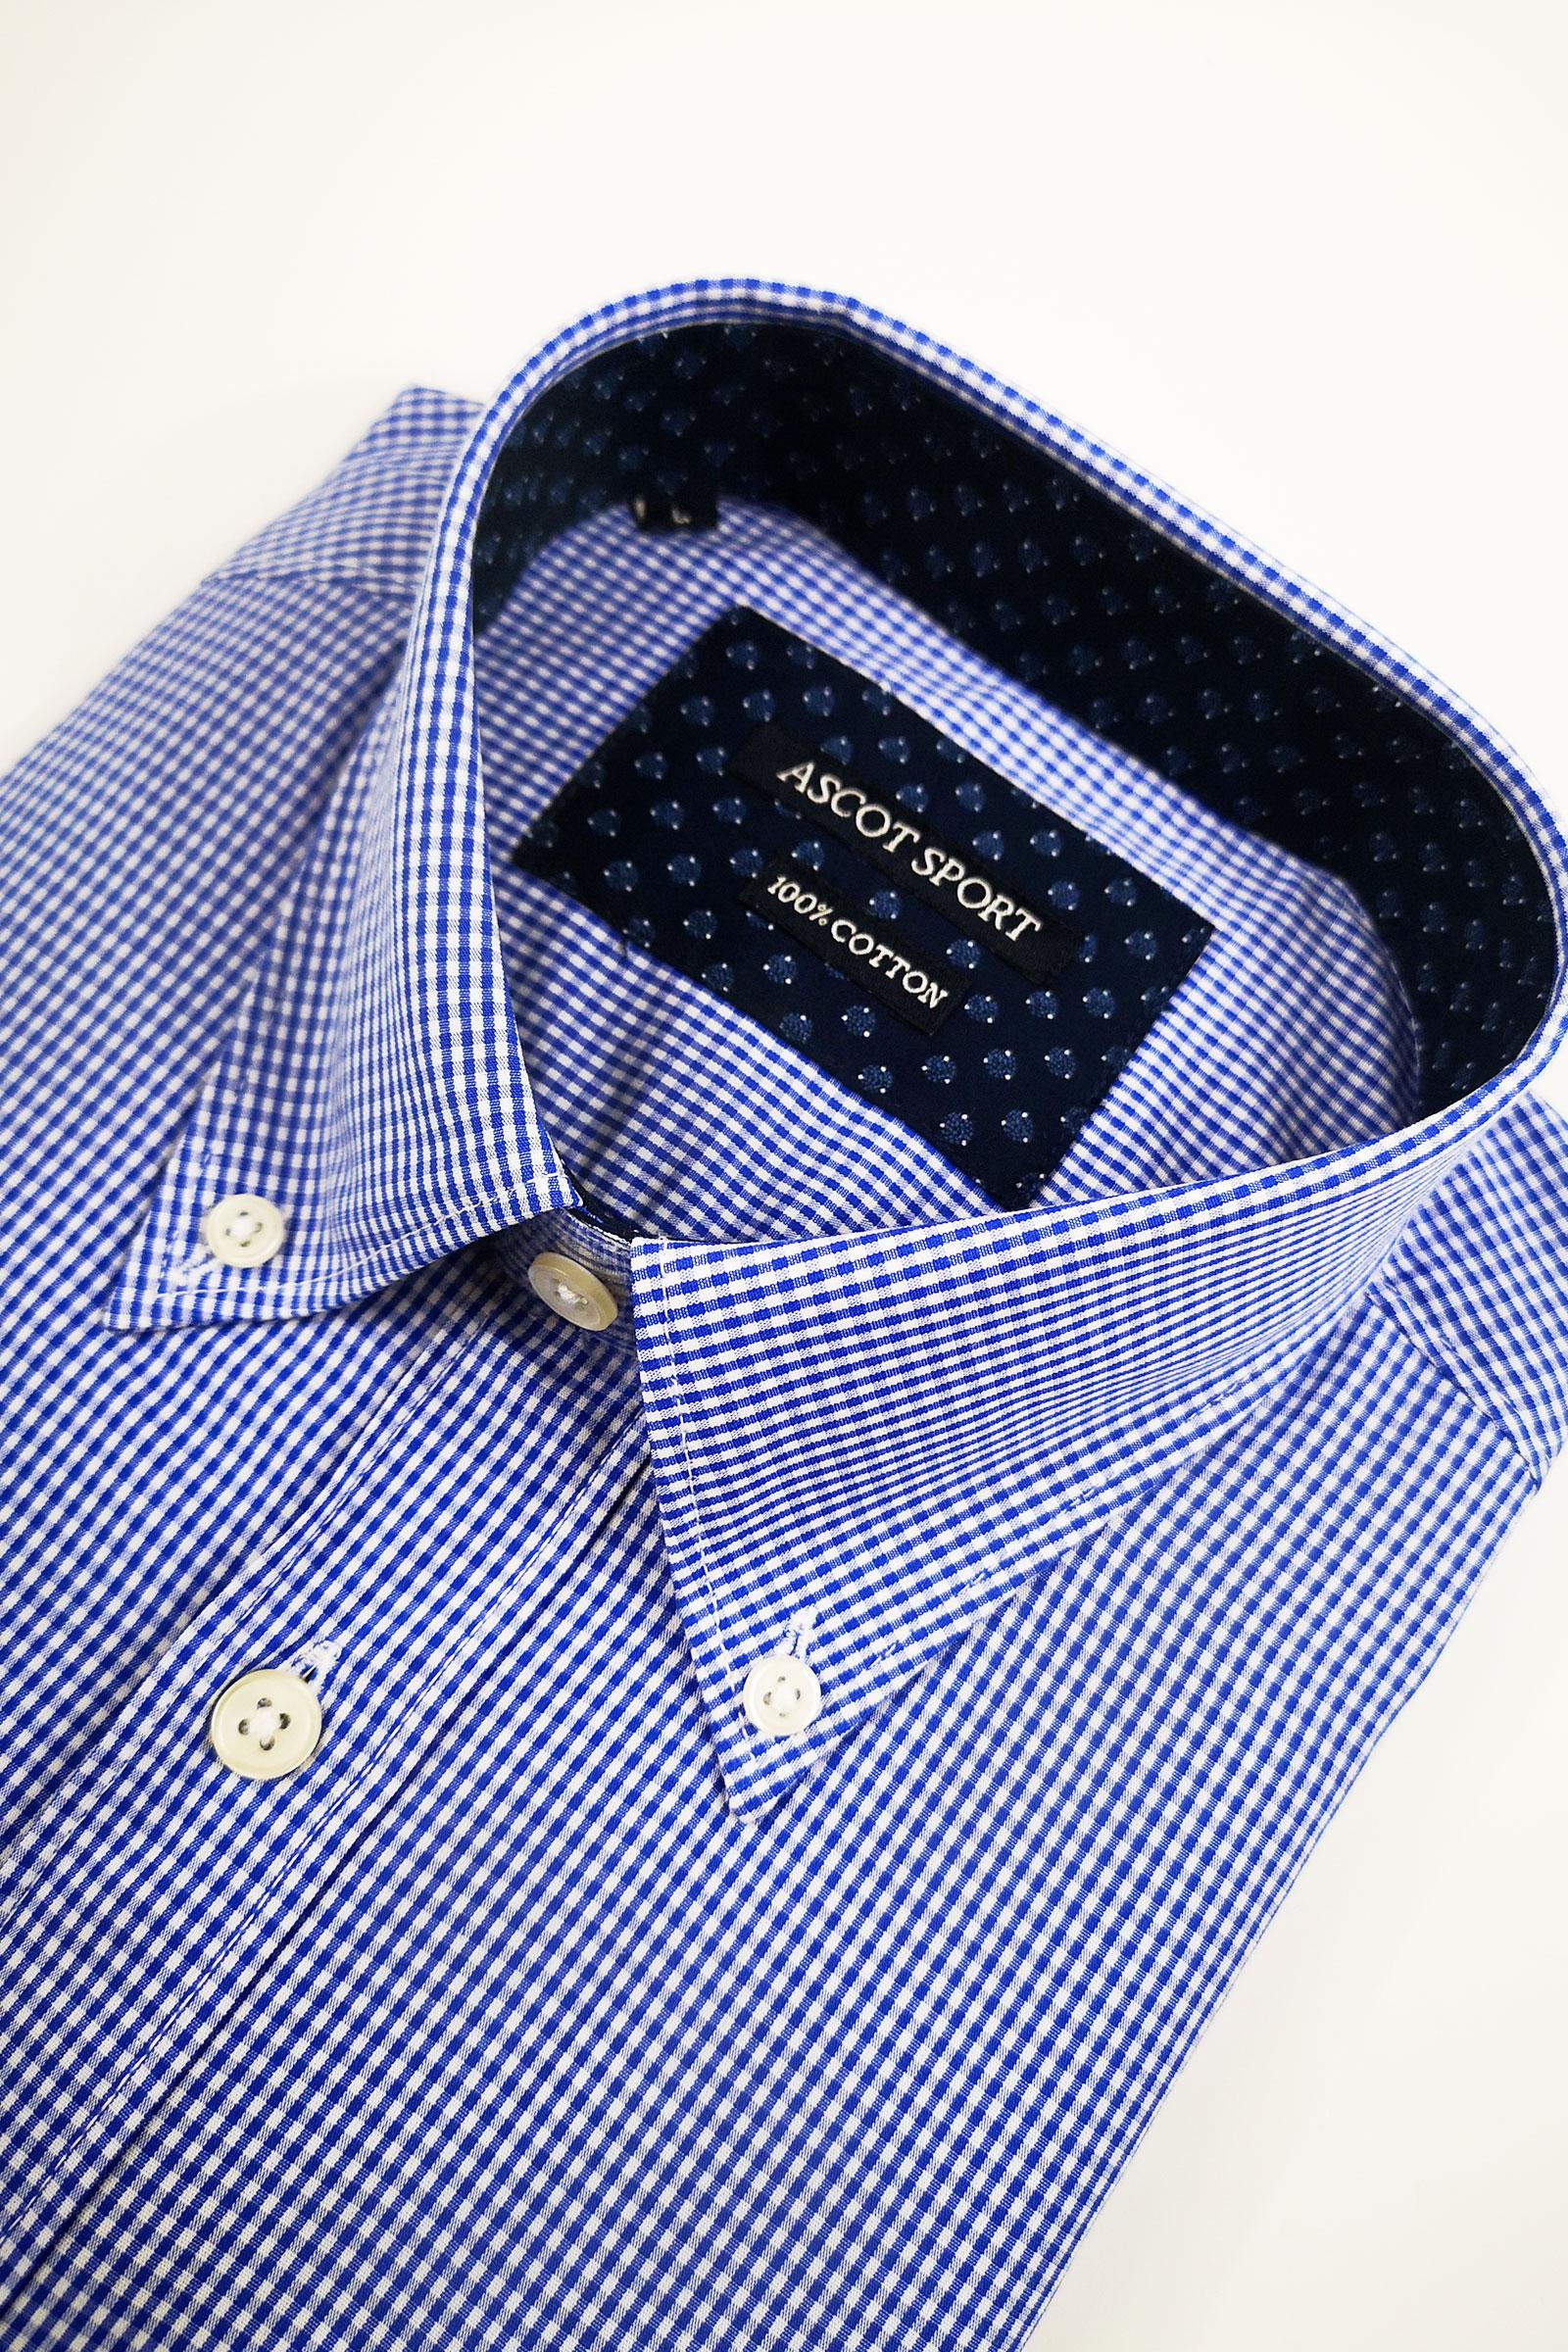 ASCOT Men's Shirt ASCOT | Shirt | ST15873-20628